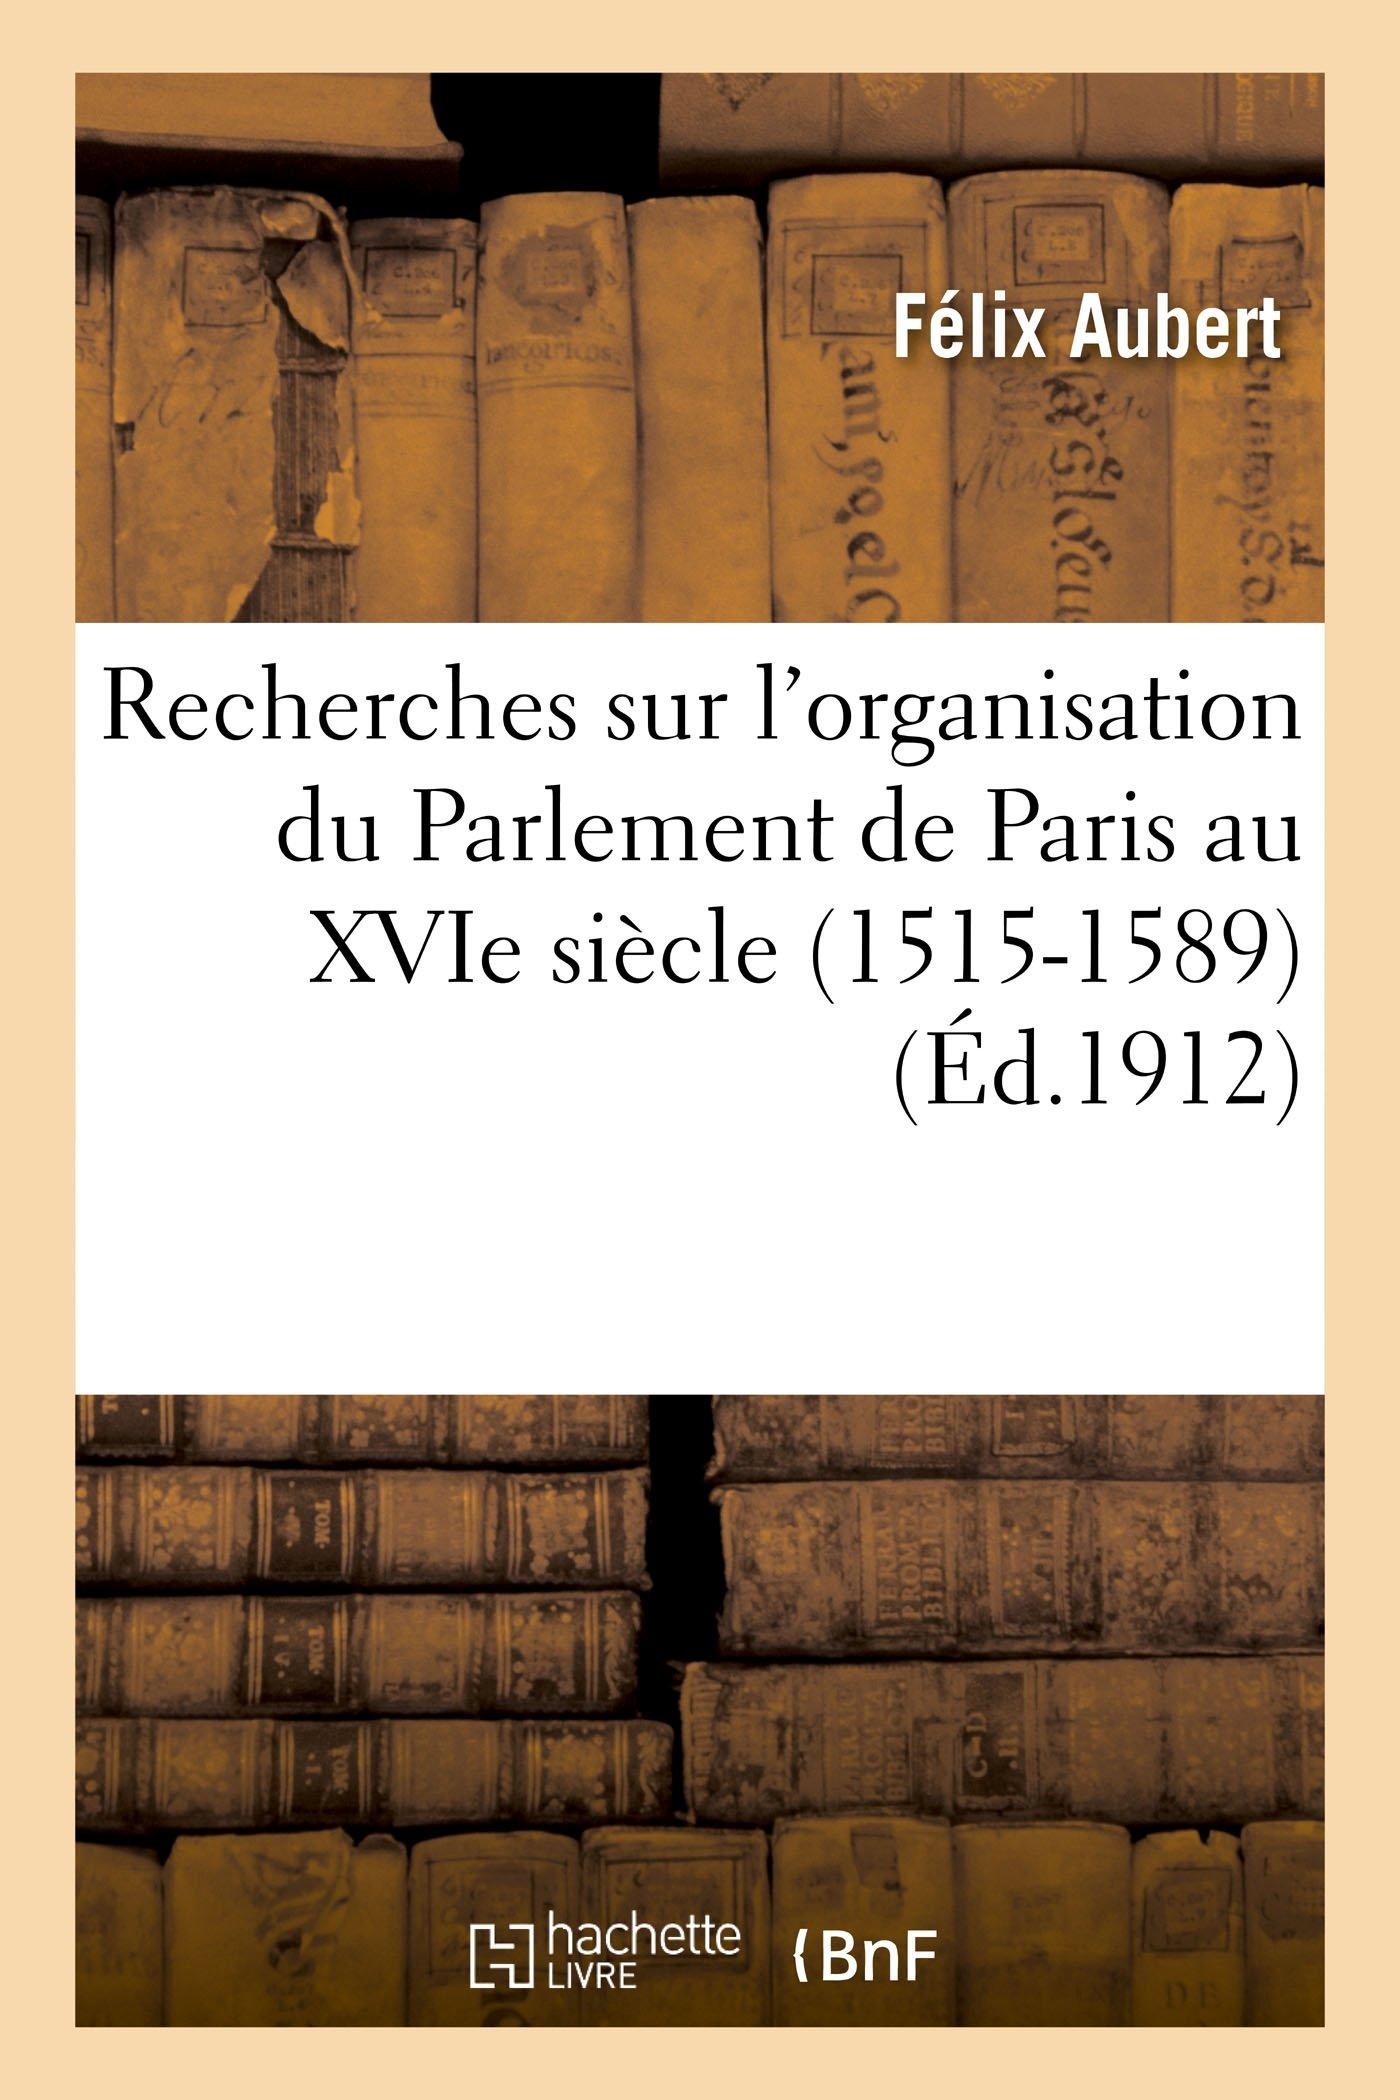 Recherches Sur l'Organisation Du Parlement de Paris Au Xvie Siècle (1515-1589) (Histoire) (French Edition) PDF